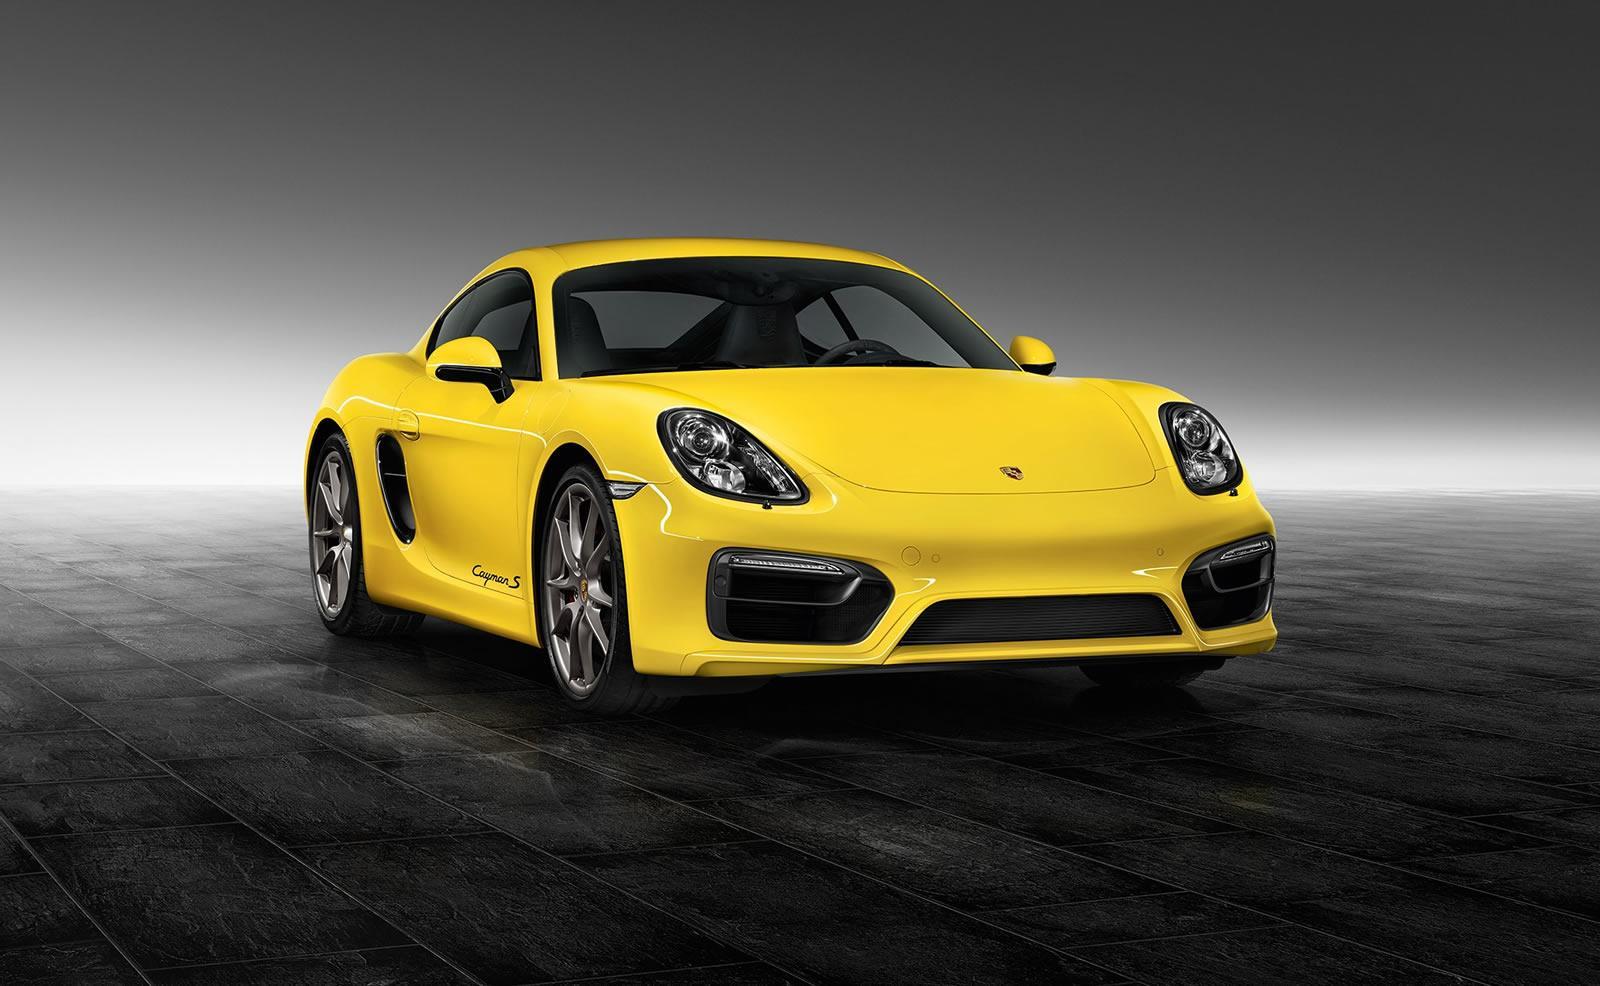 Porsche Cayman S personalizzata da Porsche Exclusive